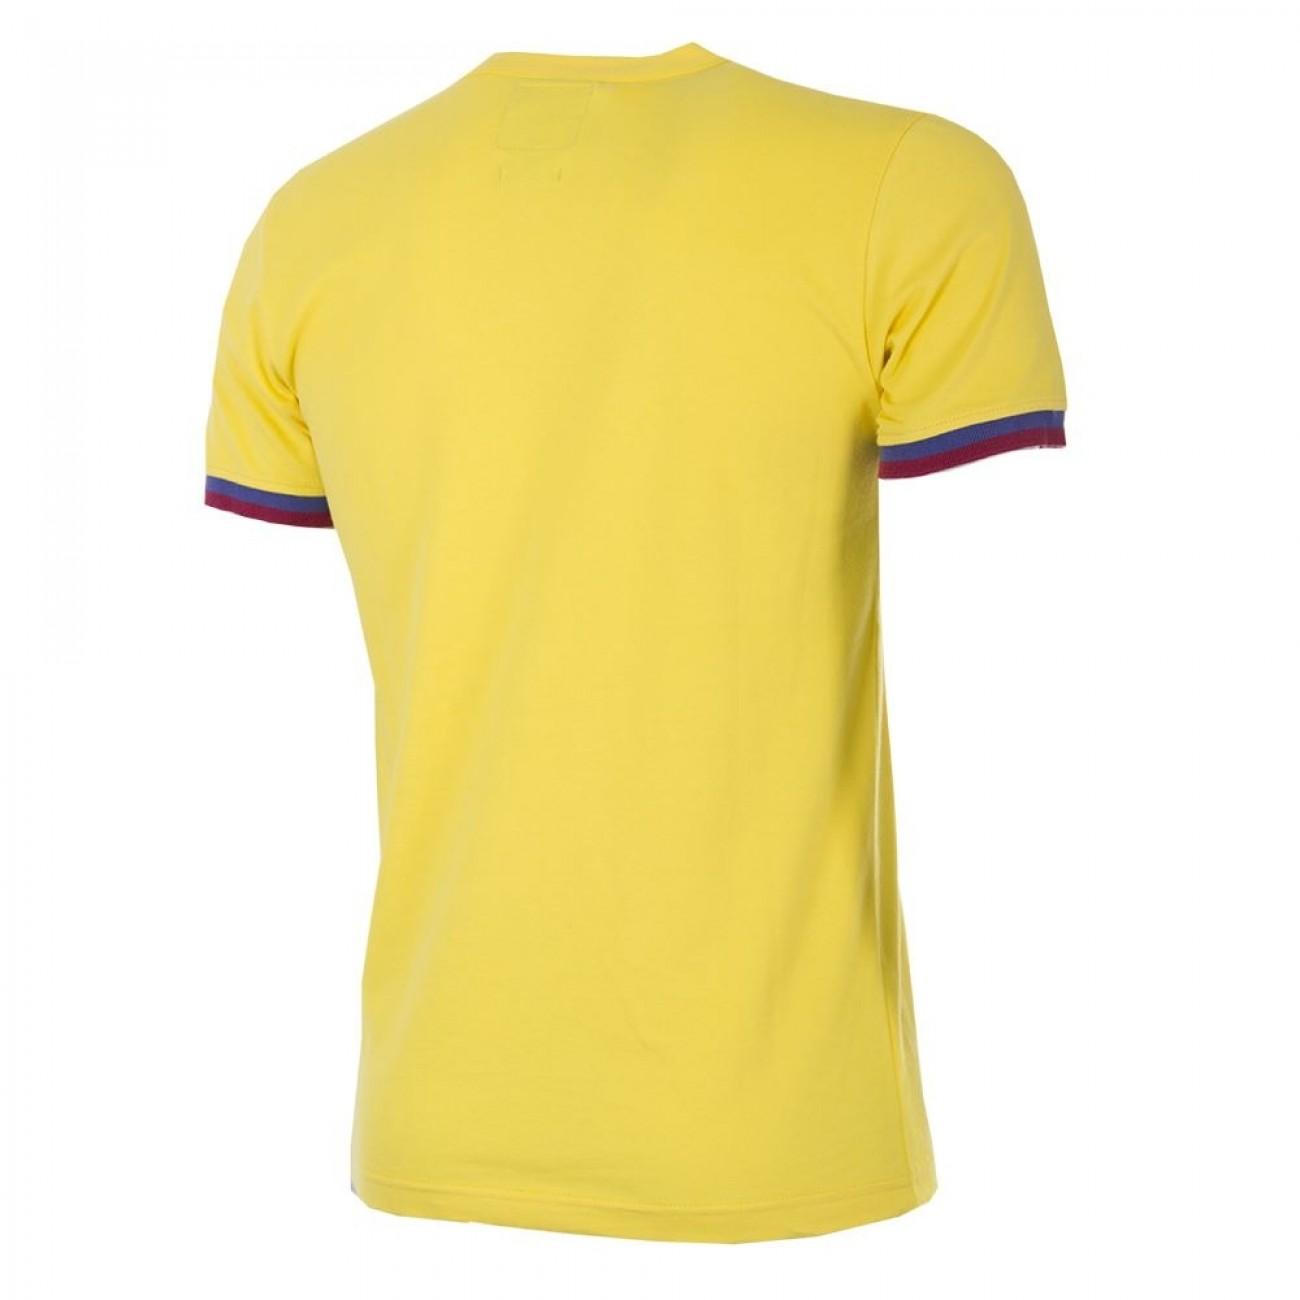 a705a2a0a3f03 Camiseta FC Barcelona 1978-79 - 2ª equipación